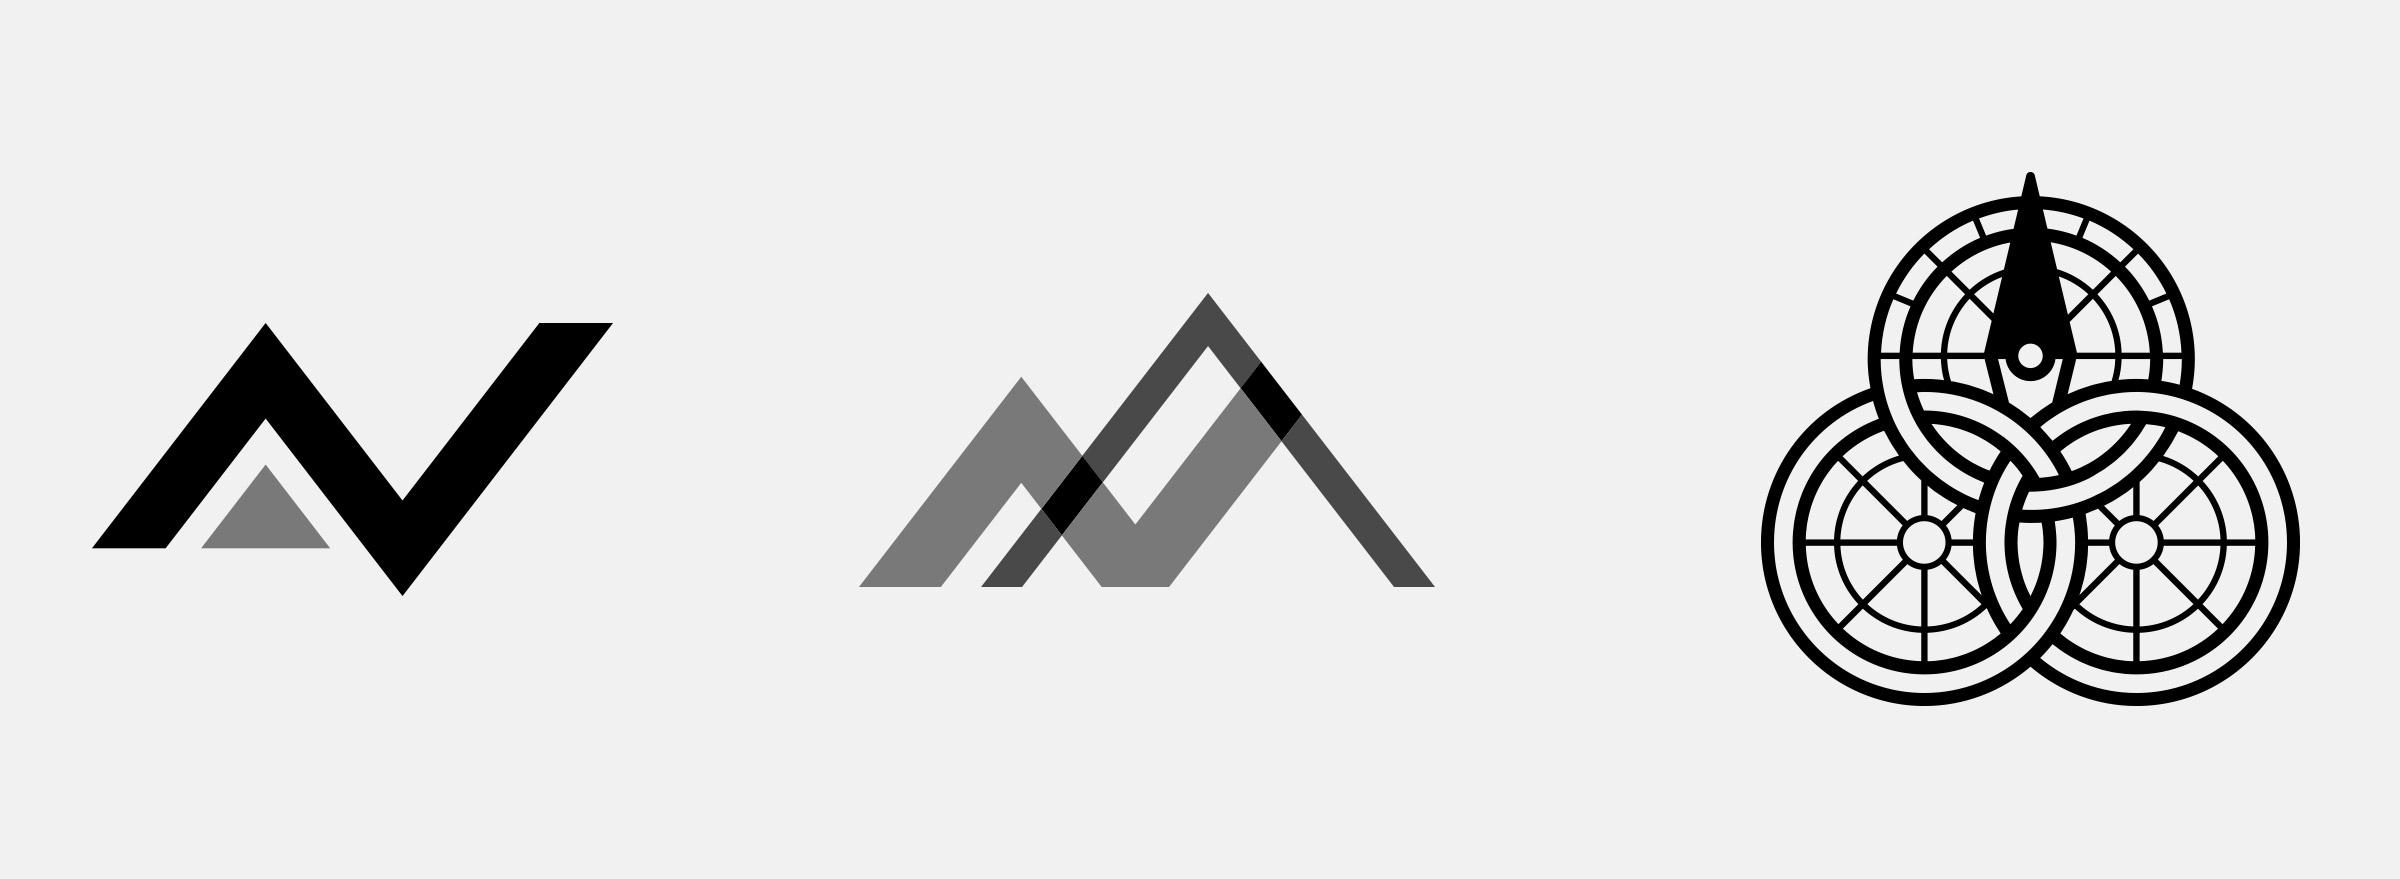 NP-Initial-Logos-2